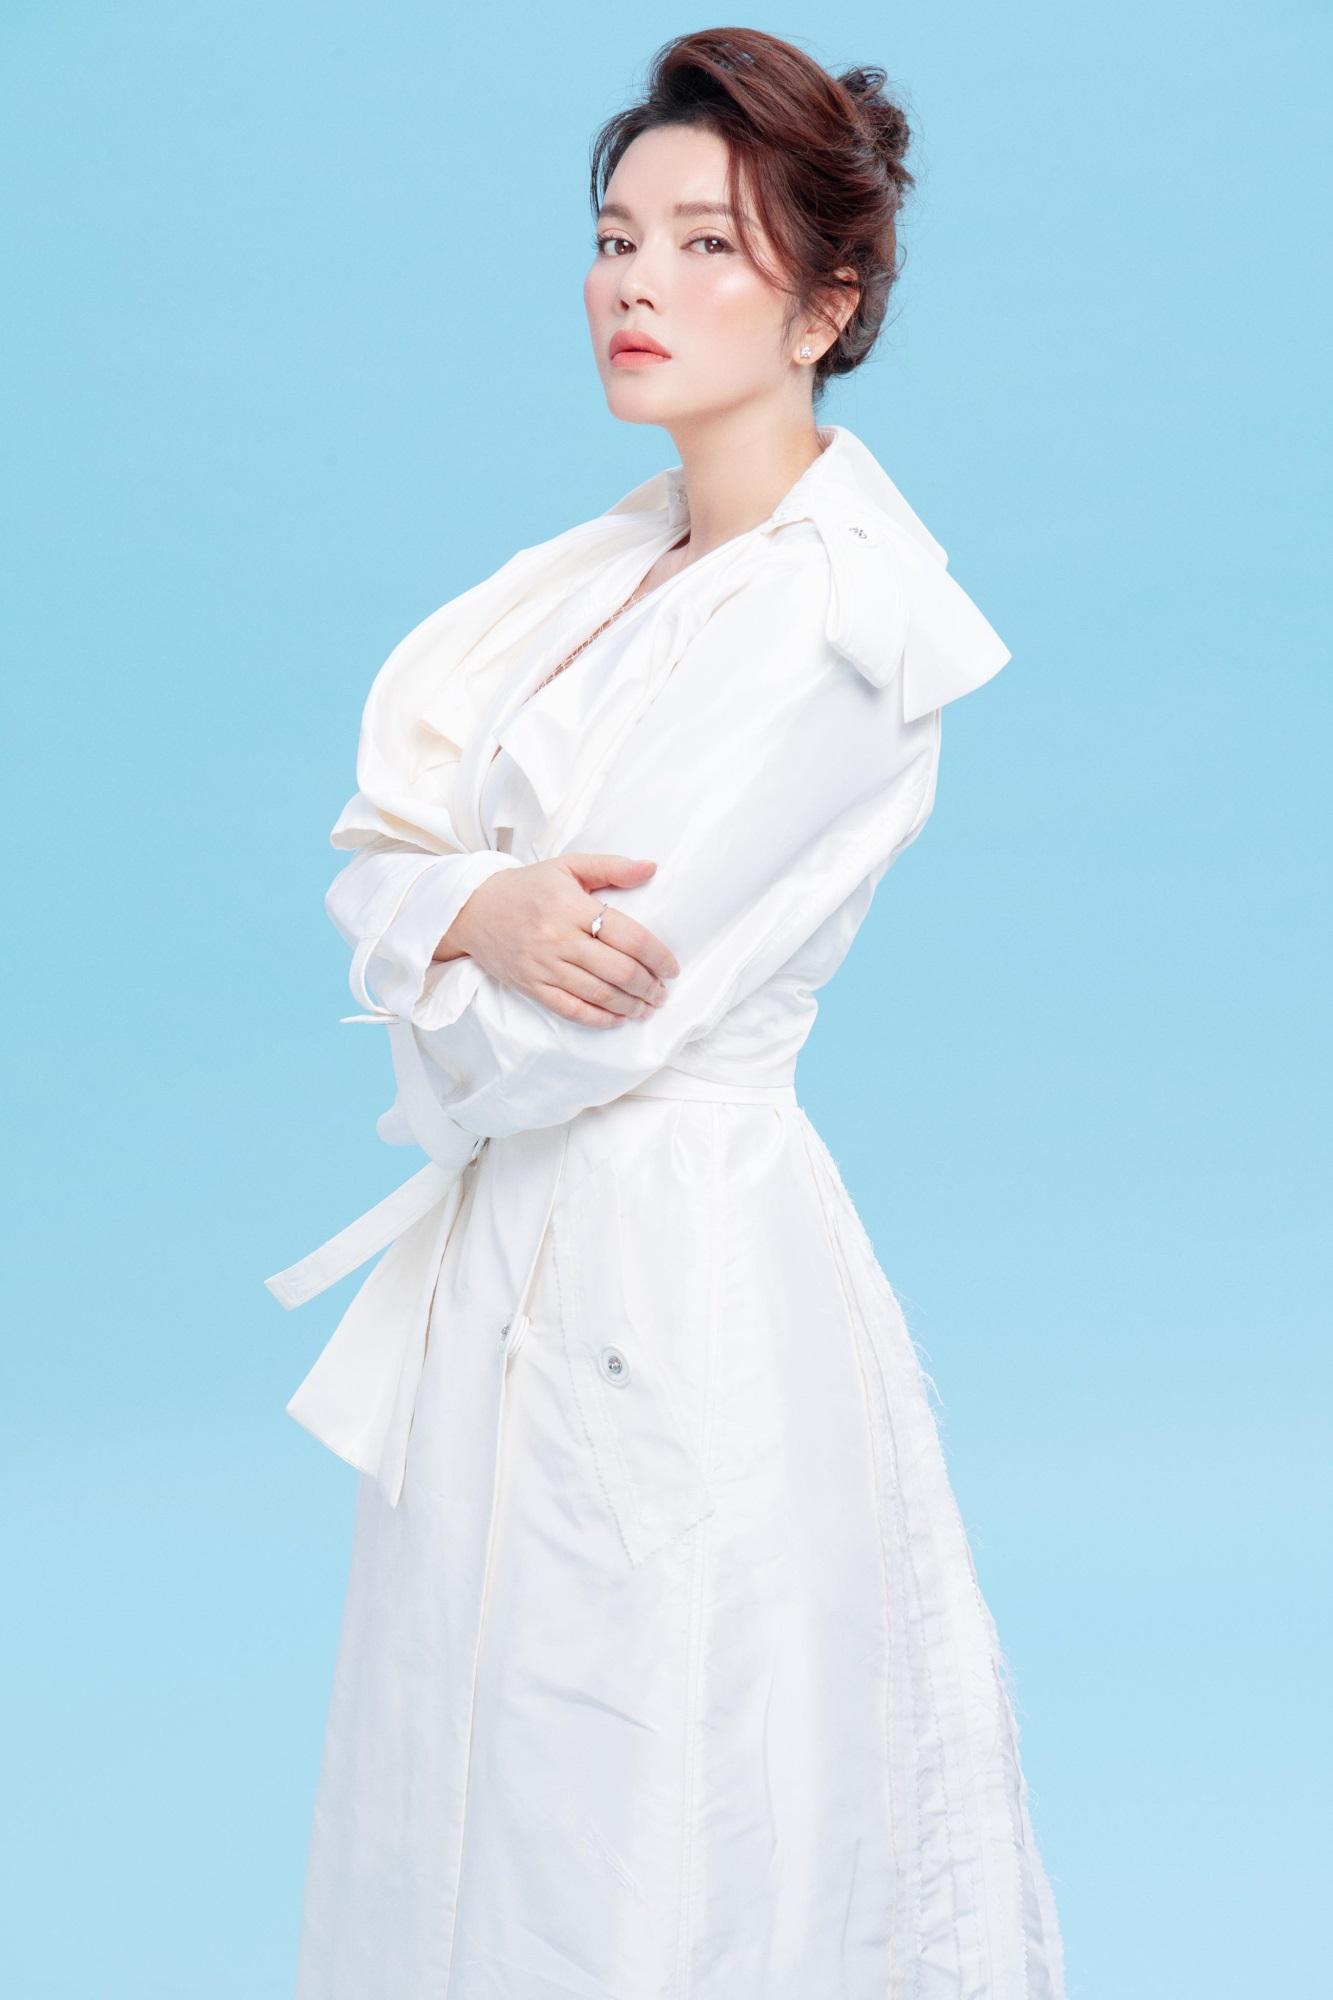 'Nữ hoàng kim cương' Lý Nhã Kỳ khiến fan mê mệt khi diện trang phục xẻ ngực gợi cảm - Ảnh 6